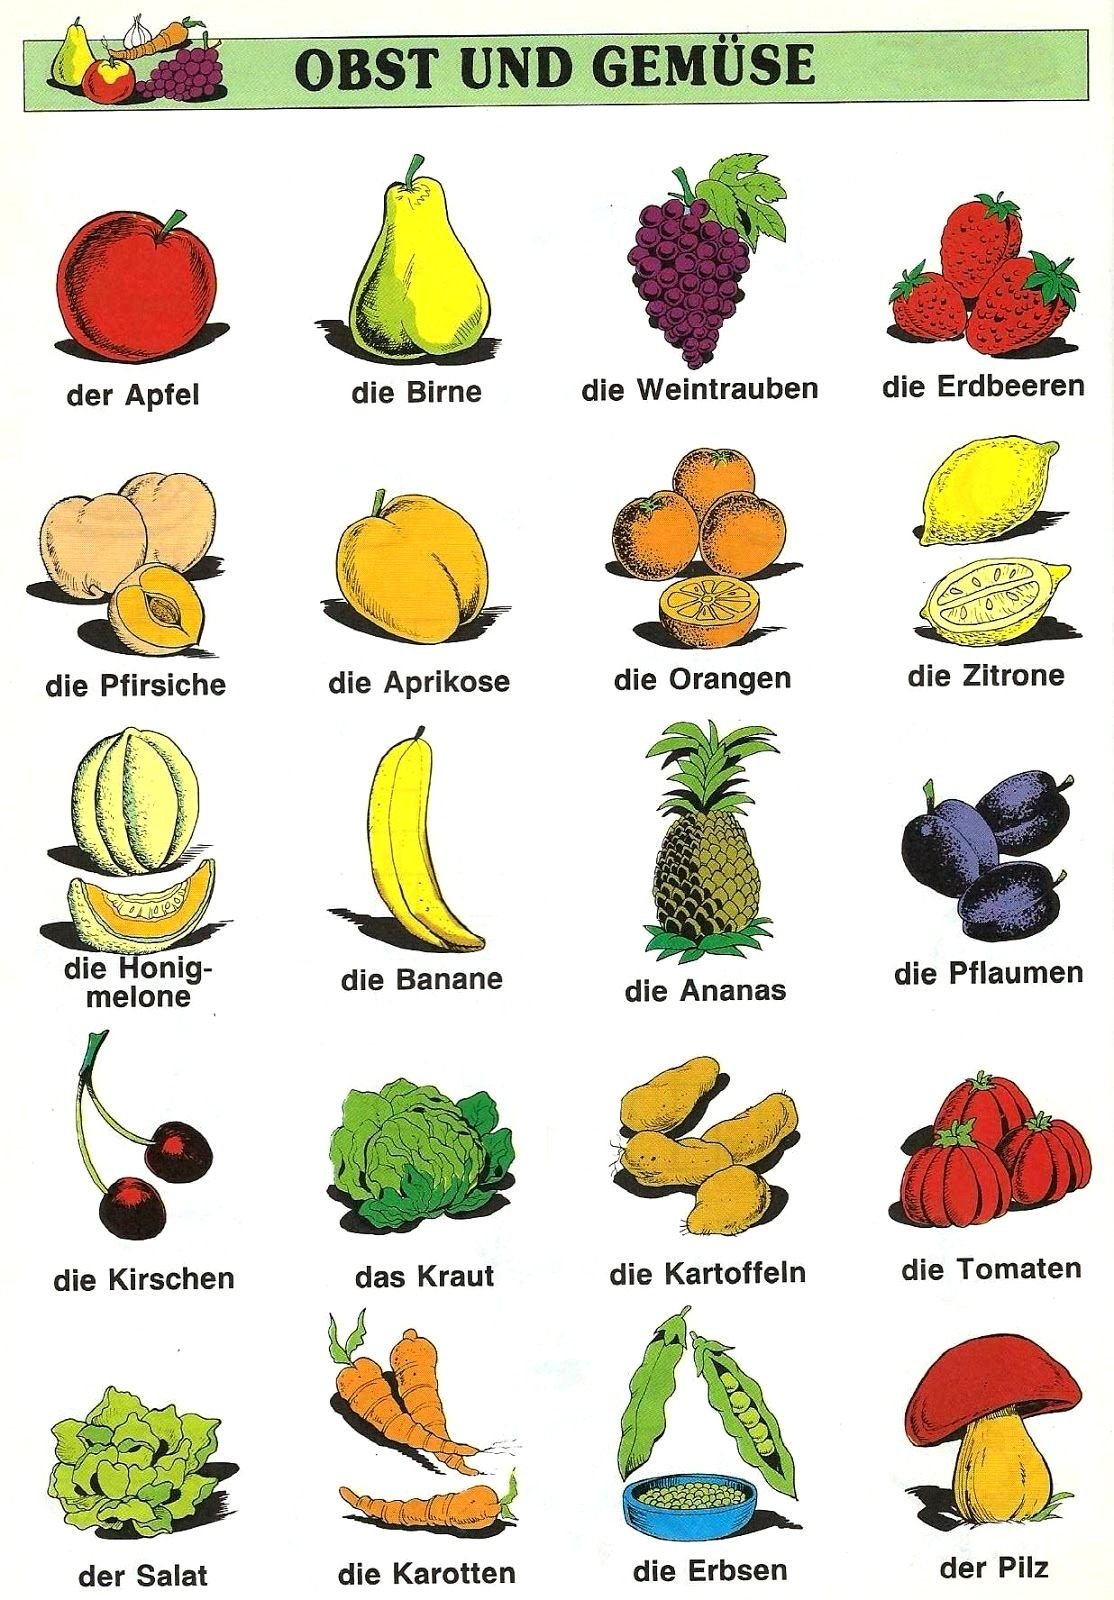 Obst und Gemuse | Deutsch | Pinterest